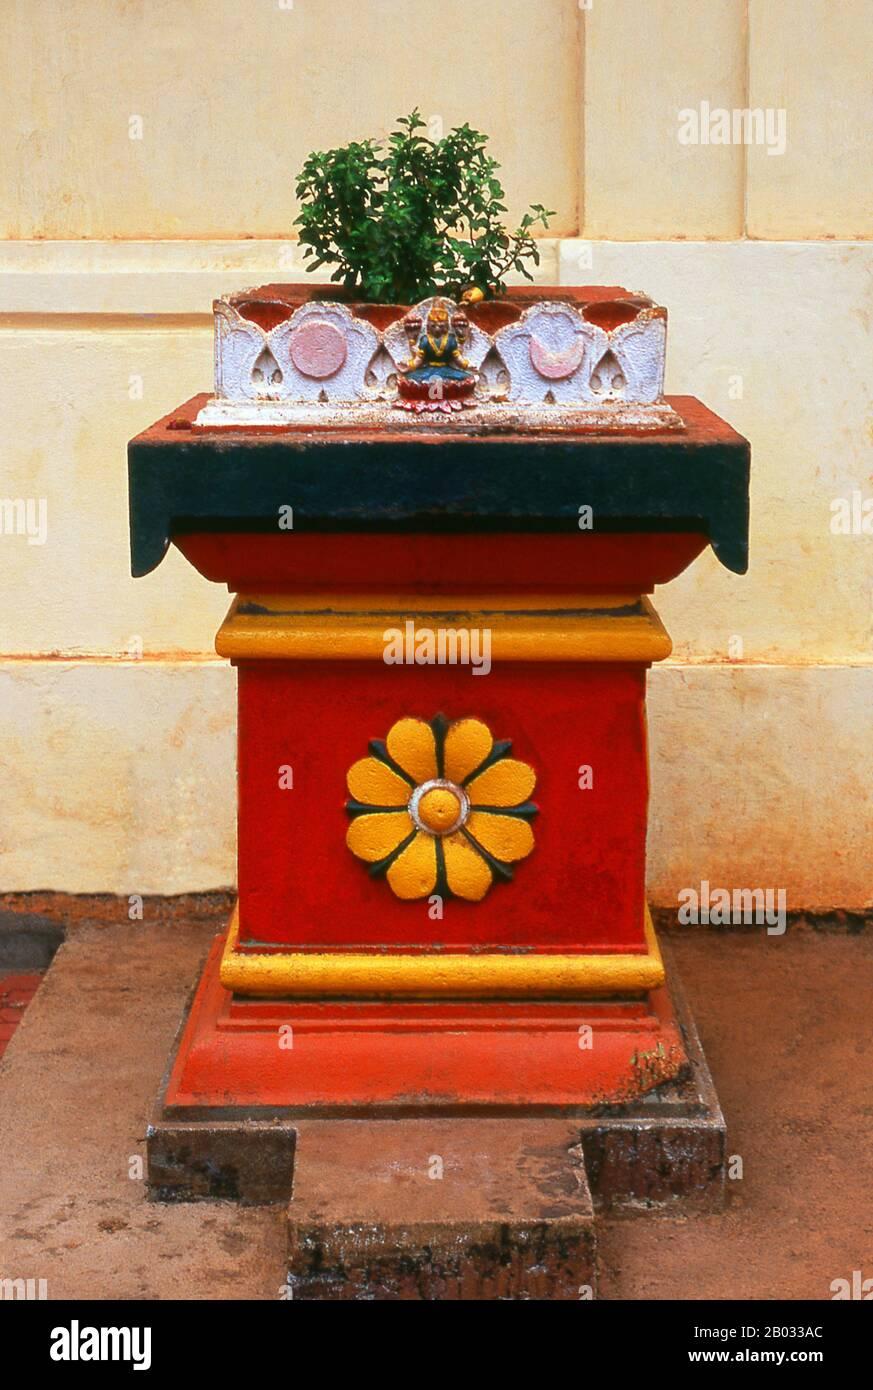 Le temple de Shri Damodar a été créé à l'origine en 1500 ce et abrite la déité hindoue Shri Damodar, une incarnation du Seigneur Shiva. Le grand temple actuel date de 1910. Banque D'Images